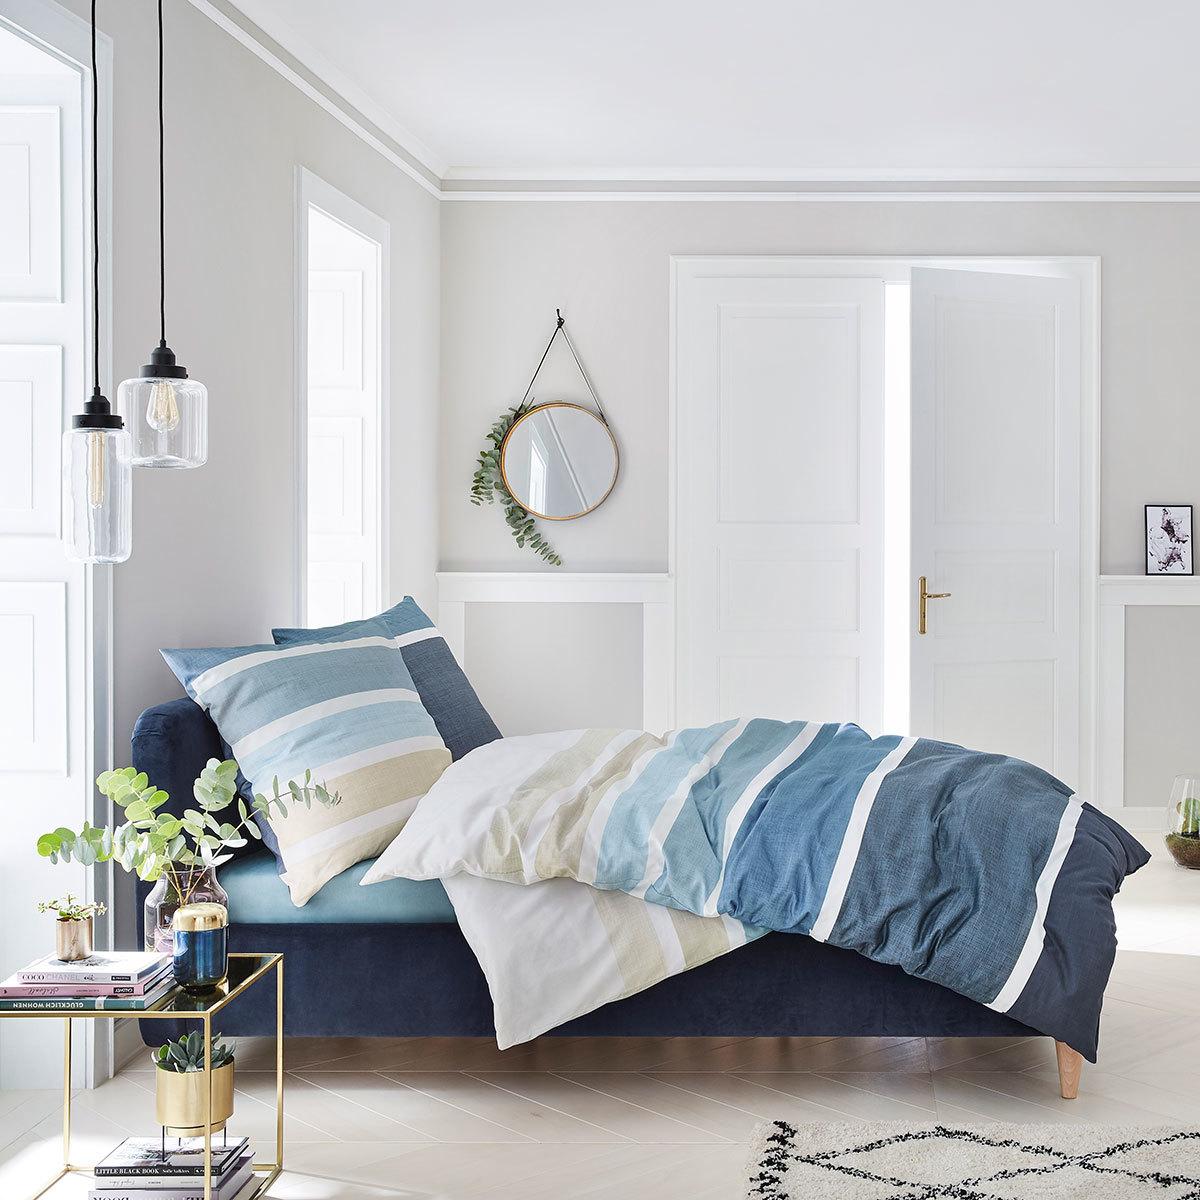 s oliver mako satin bettw sche 5851 600 g nstig online kaufen bei bettwaren shop. Black Bedroom Furniture Sets. Home Design Ideas